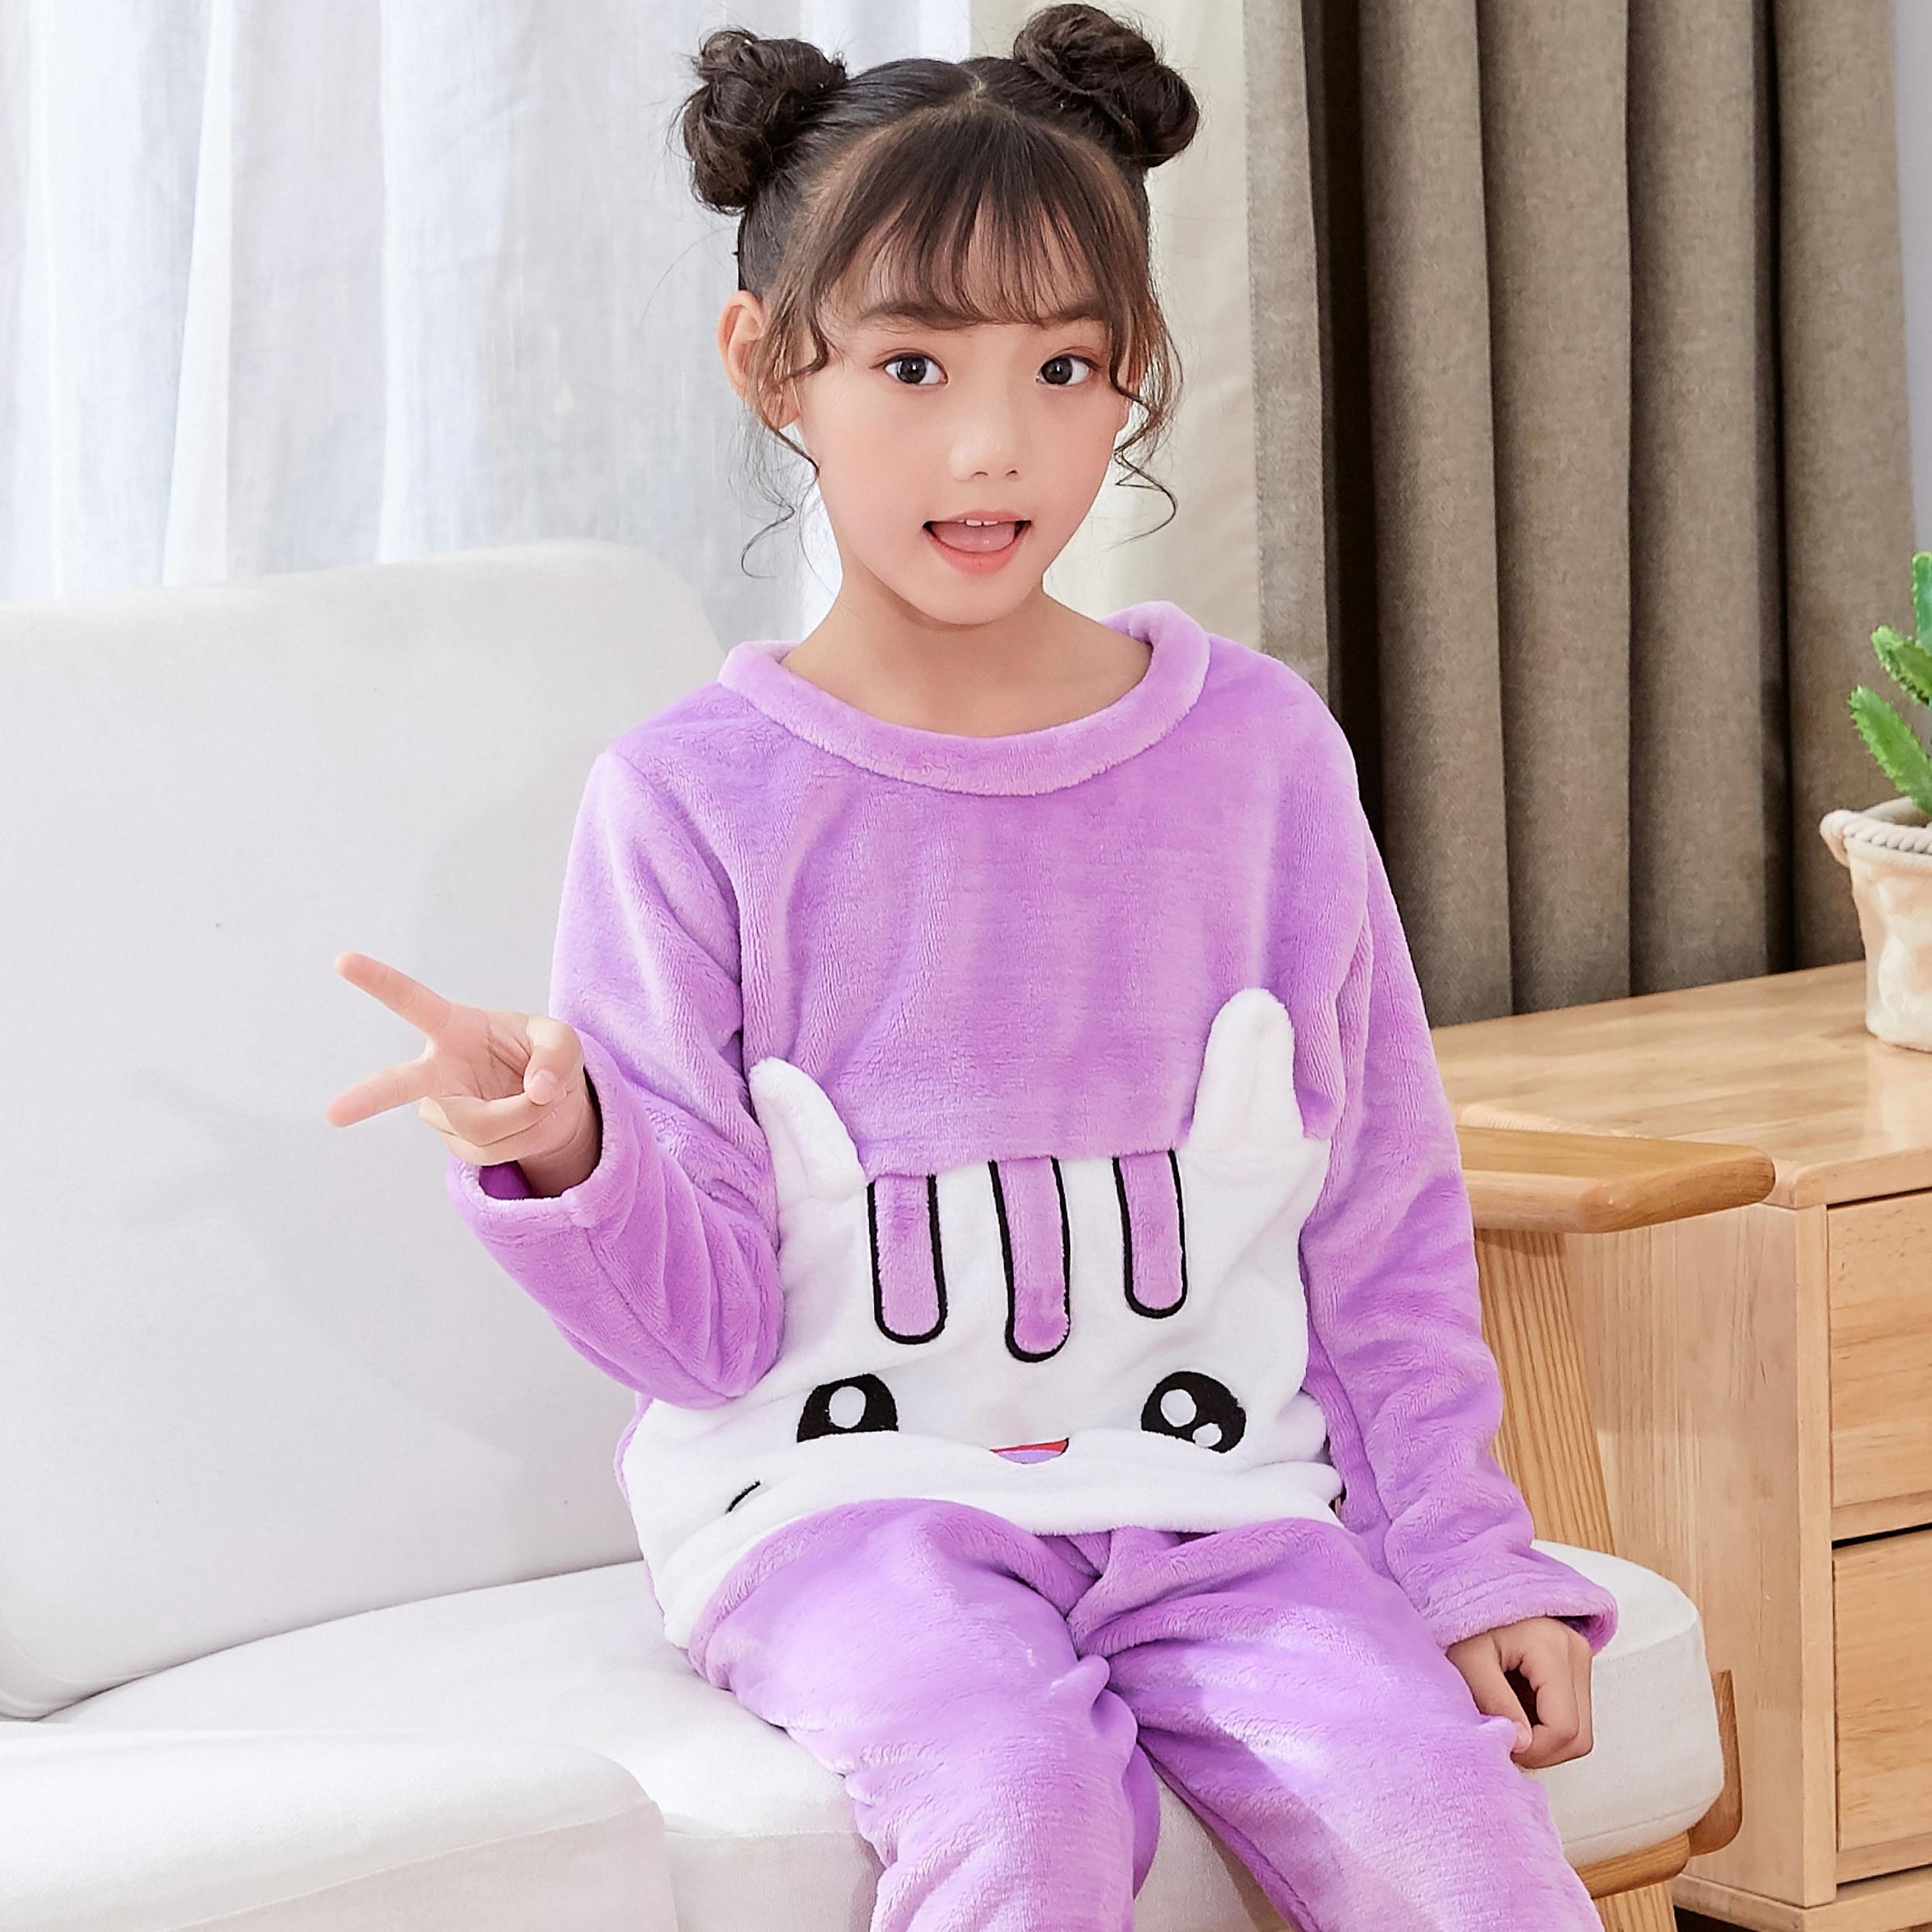 a0cae87162de Detail Feedback Questions about Specially Autumn Winter Girl Flannel Pajamas  Warm Sleepwear Girls Loungewear Coral Fleece Kids Pijamas Cute Flannel ...